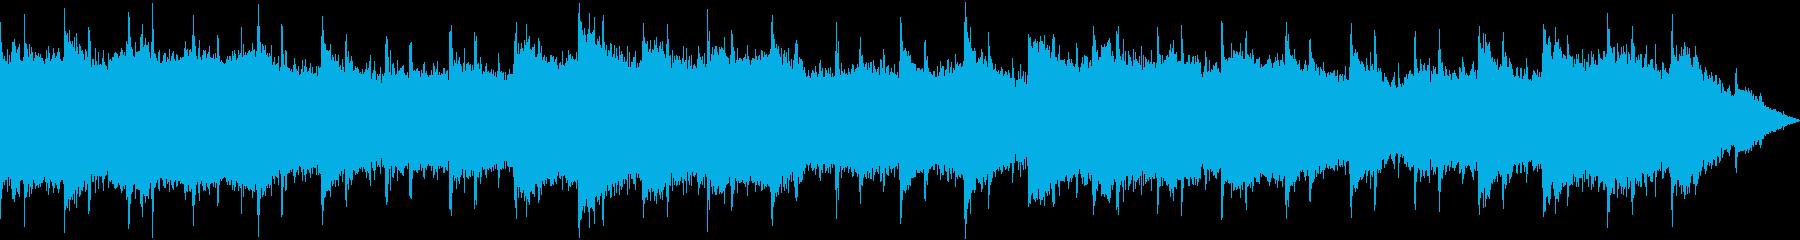 【主張しない背景音楽】ヒーリング4の再生済みの波形